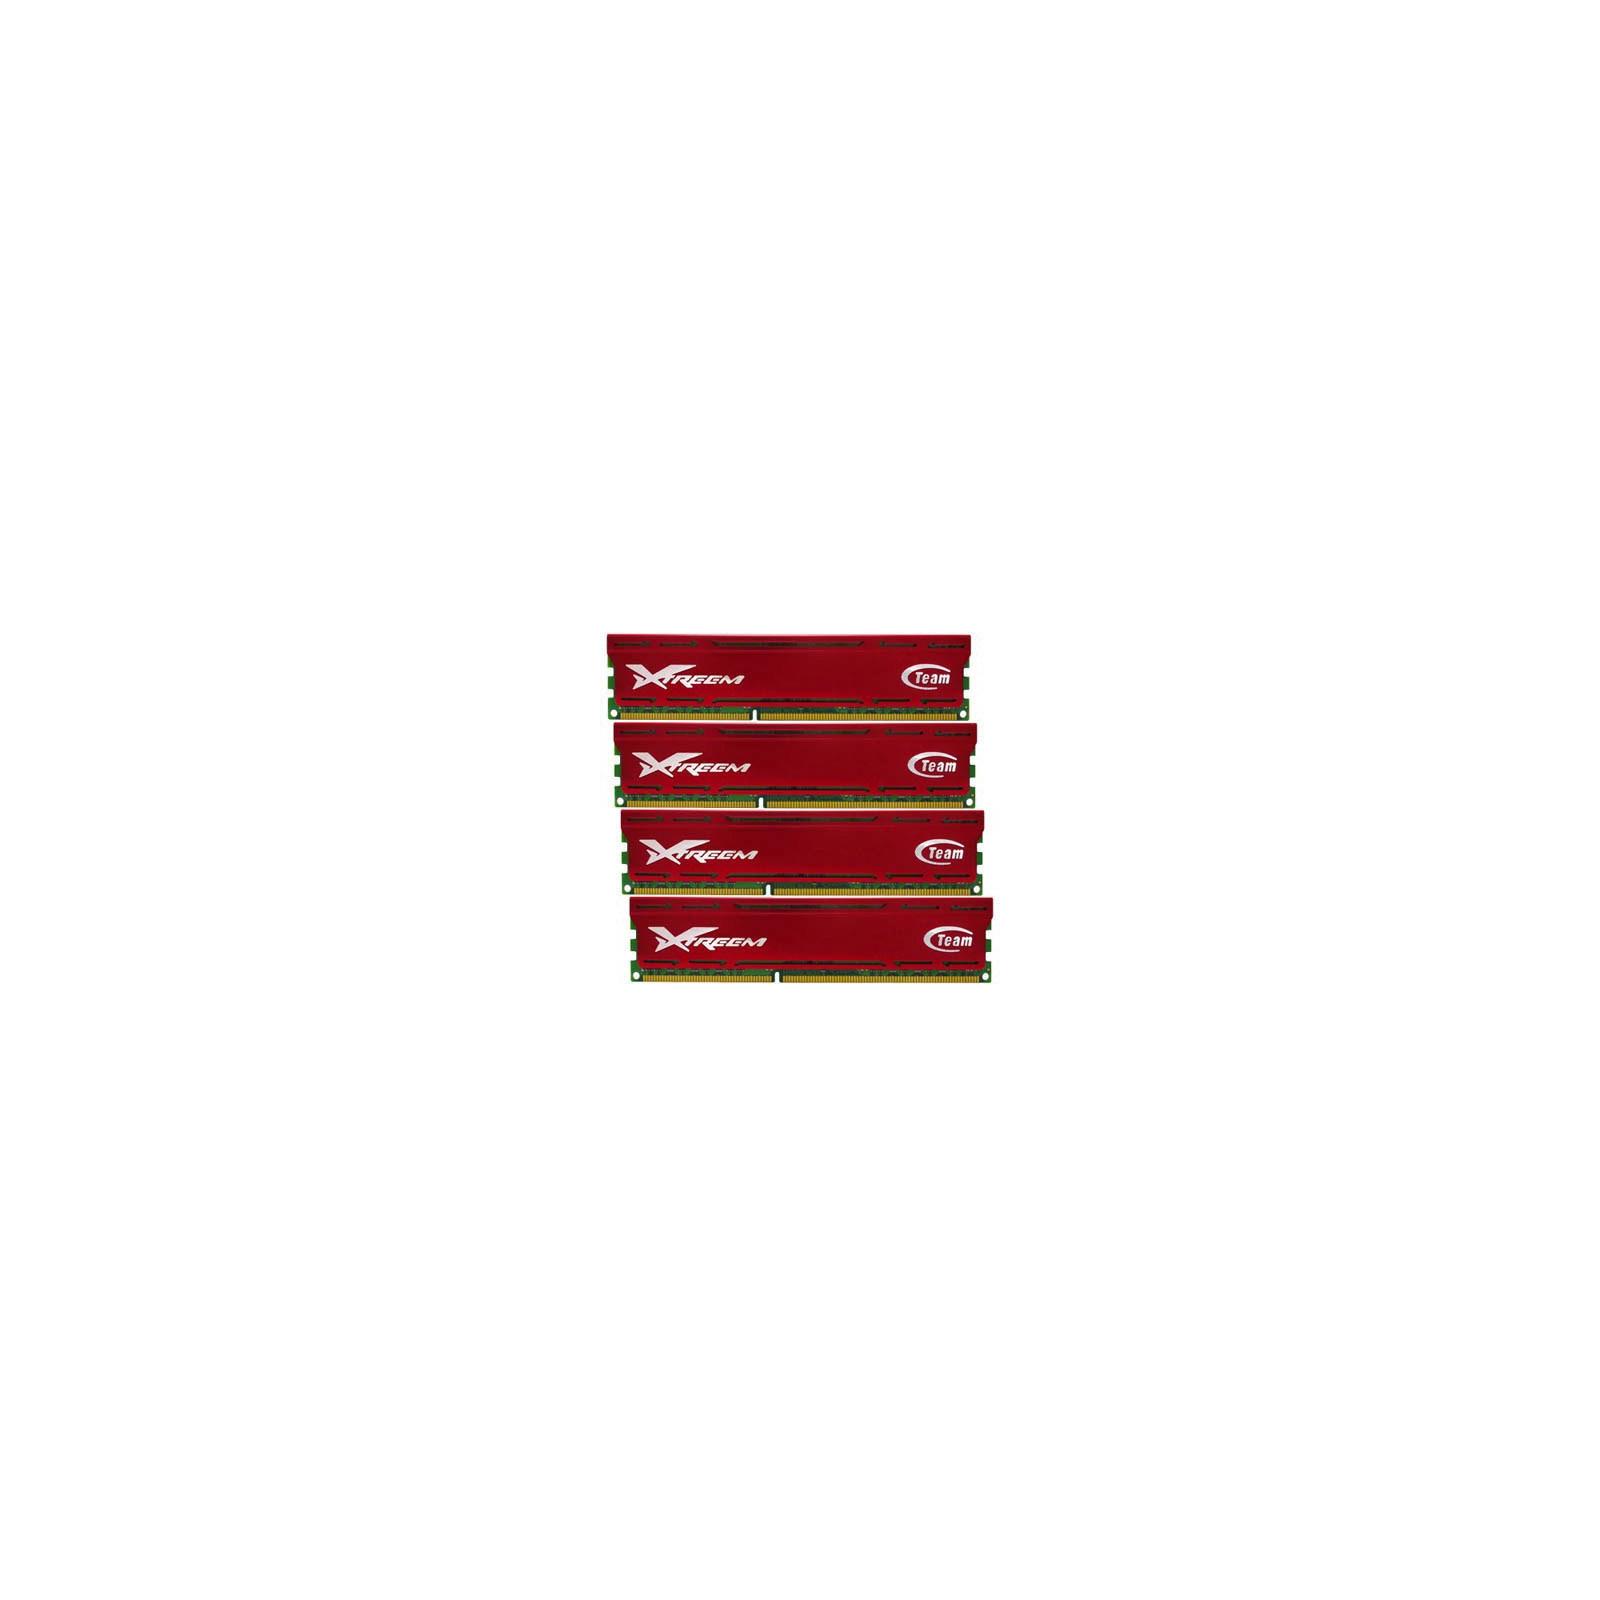 Модуль памяти для компьютера DDR3 32GB (4x8GB) 2133 MHz Team (TLD332G2133HC11AQC01)